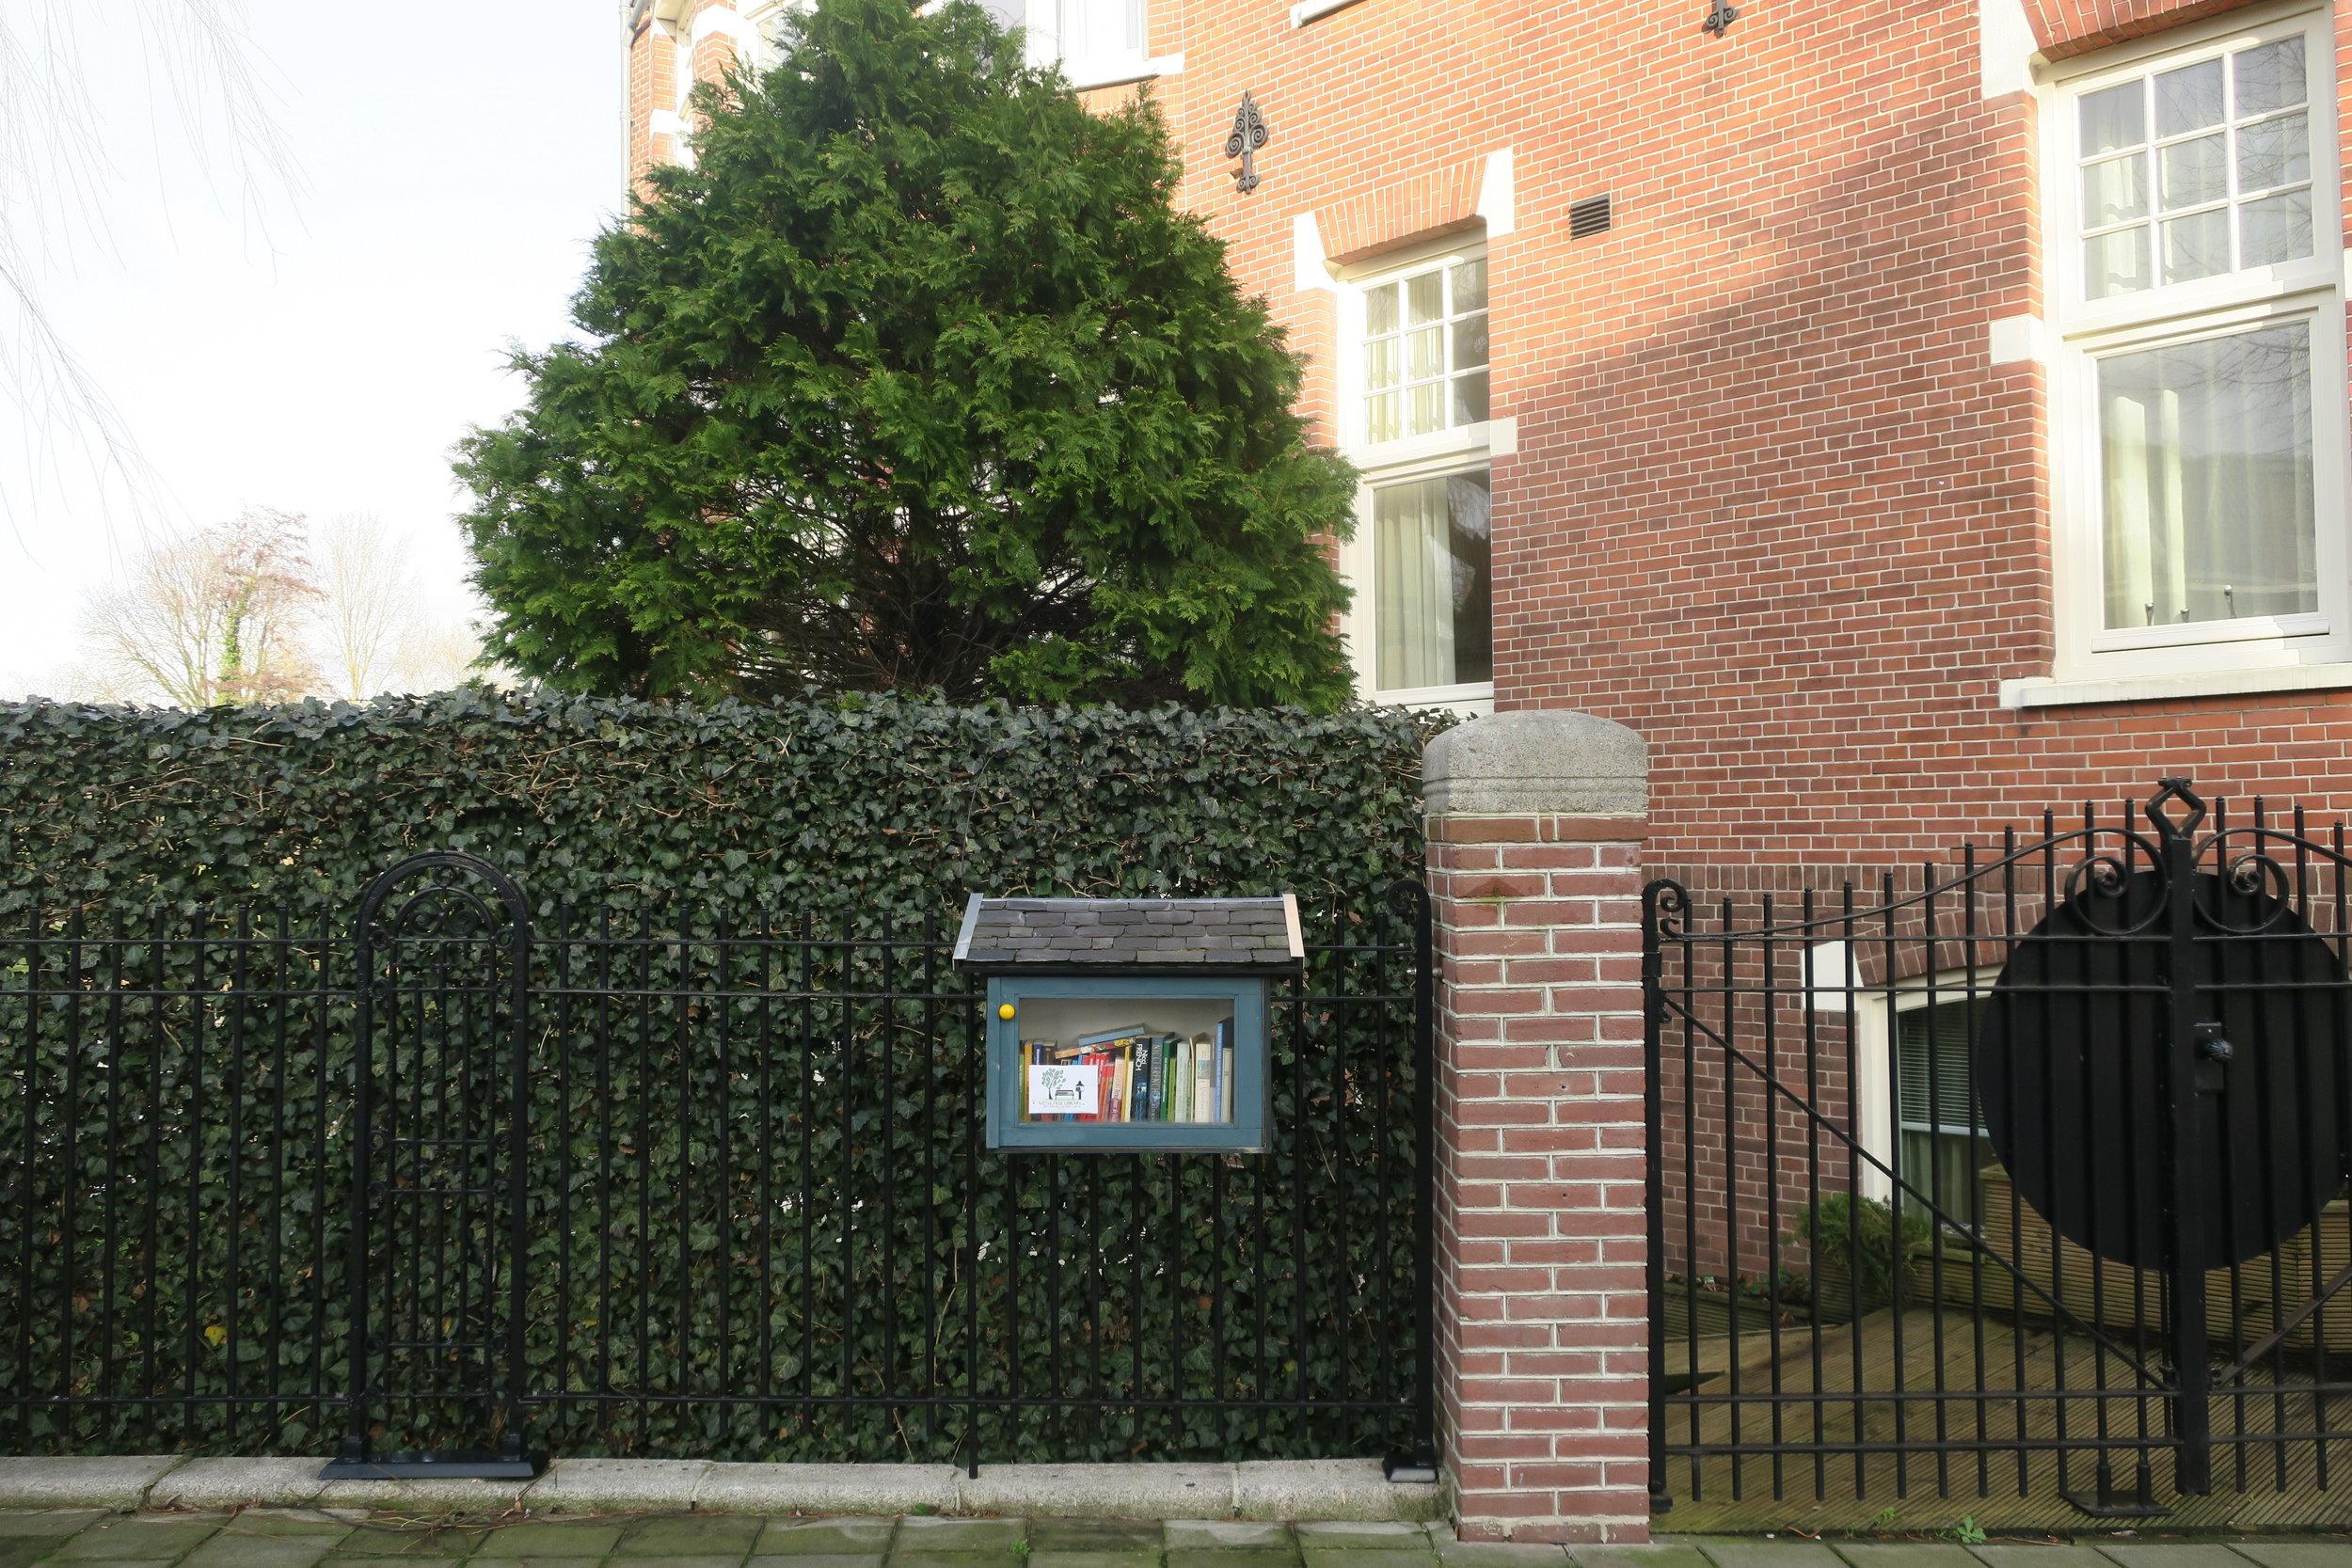 Já viu uma mini biblioteca de rua? Essa casinha da foto acima é uma!